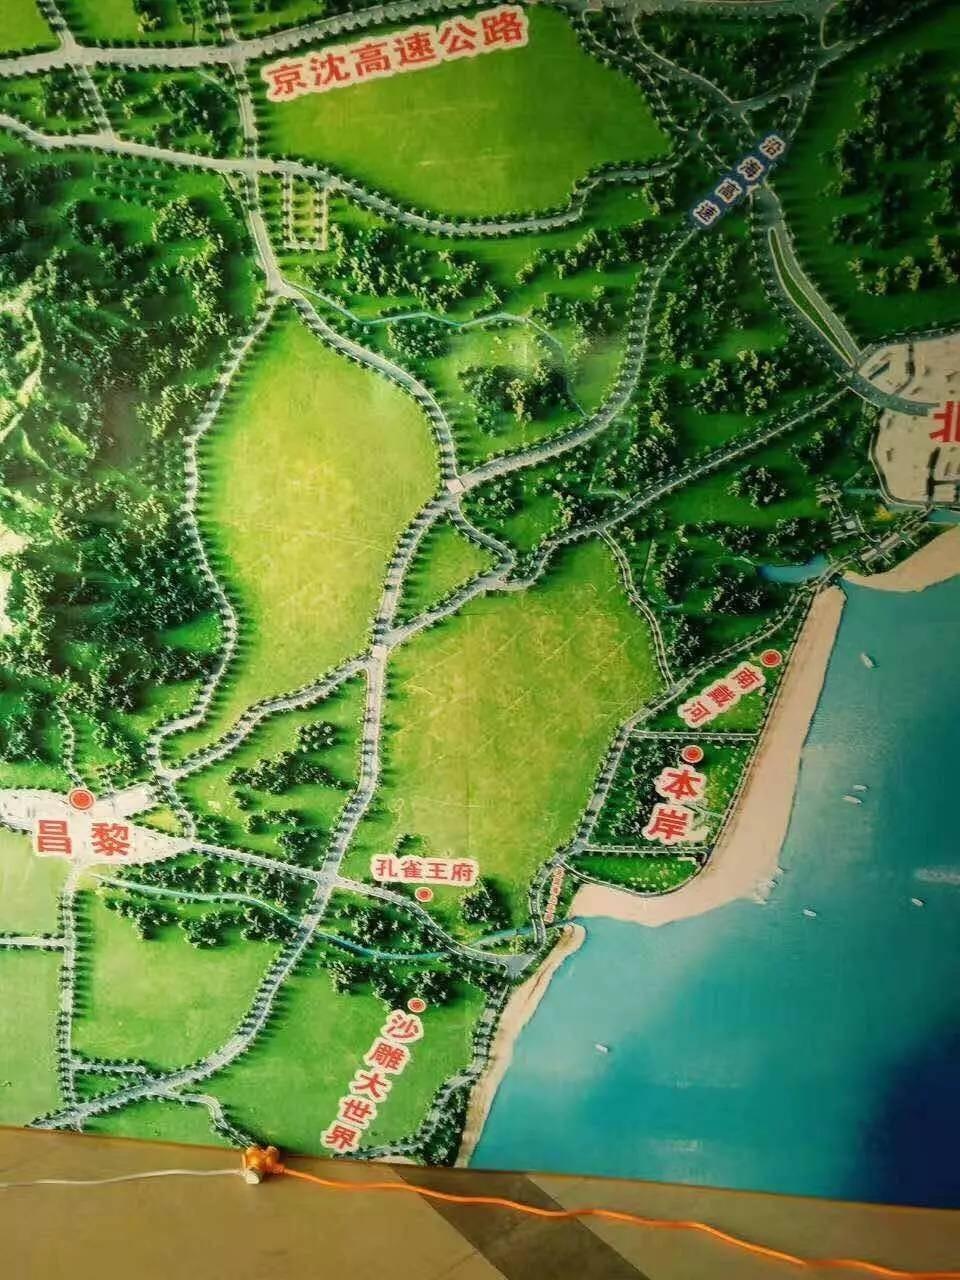 大产权五证齐全今年交房,走路十分钟到海边的海景房